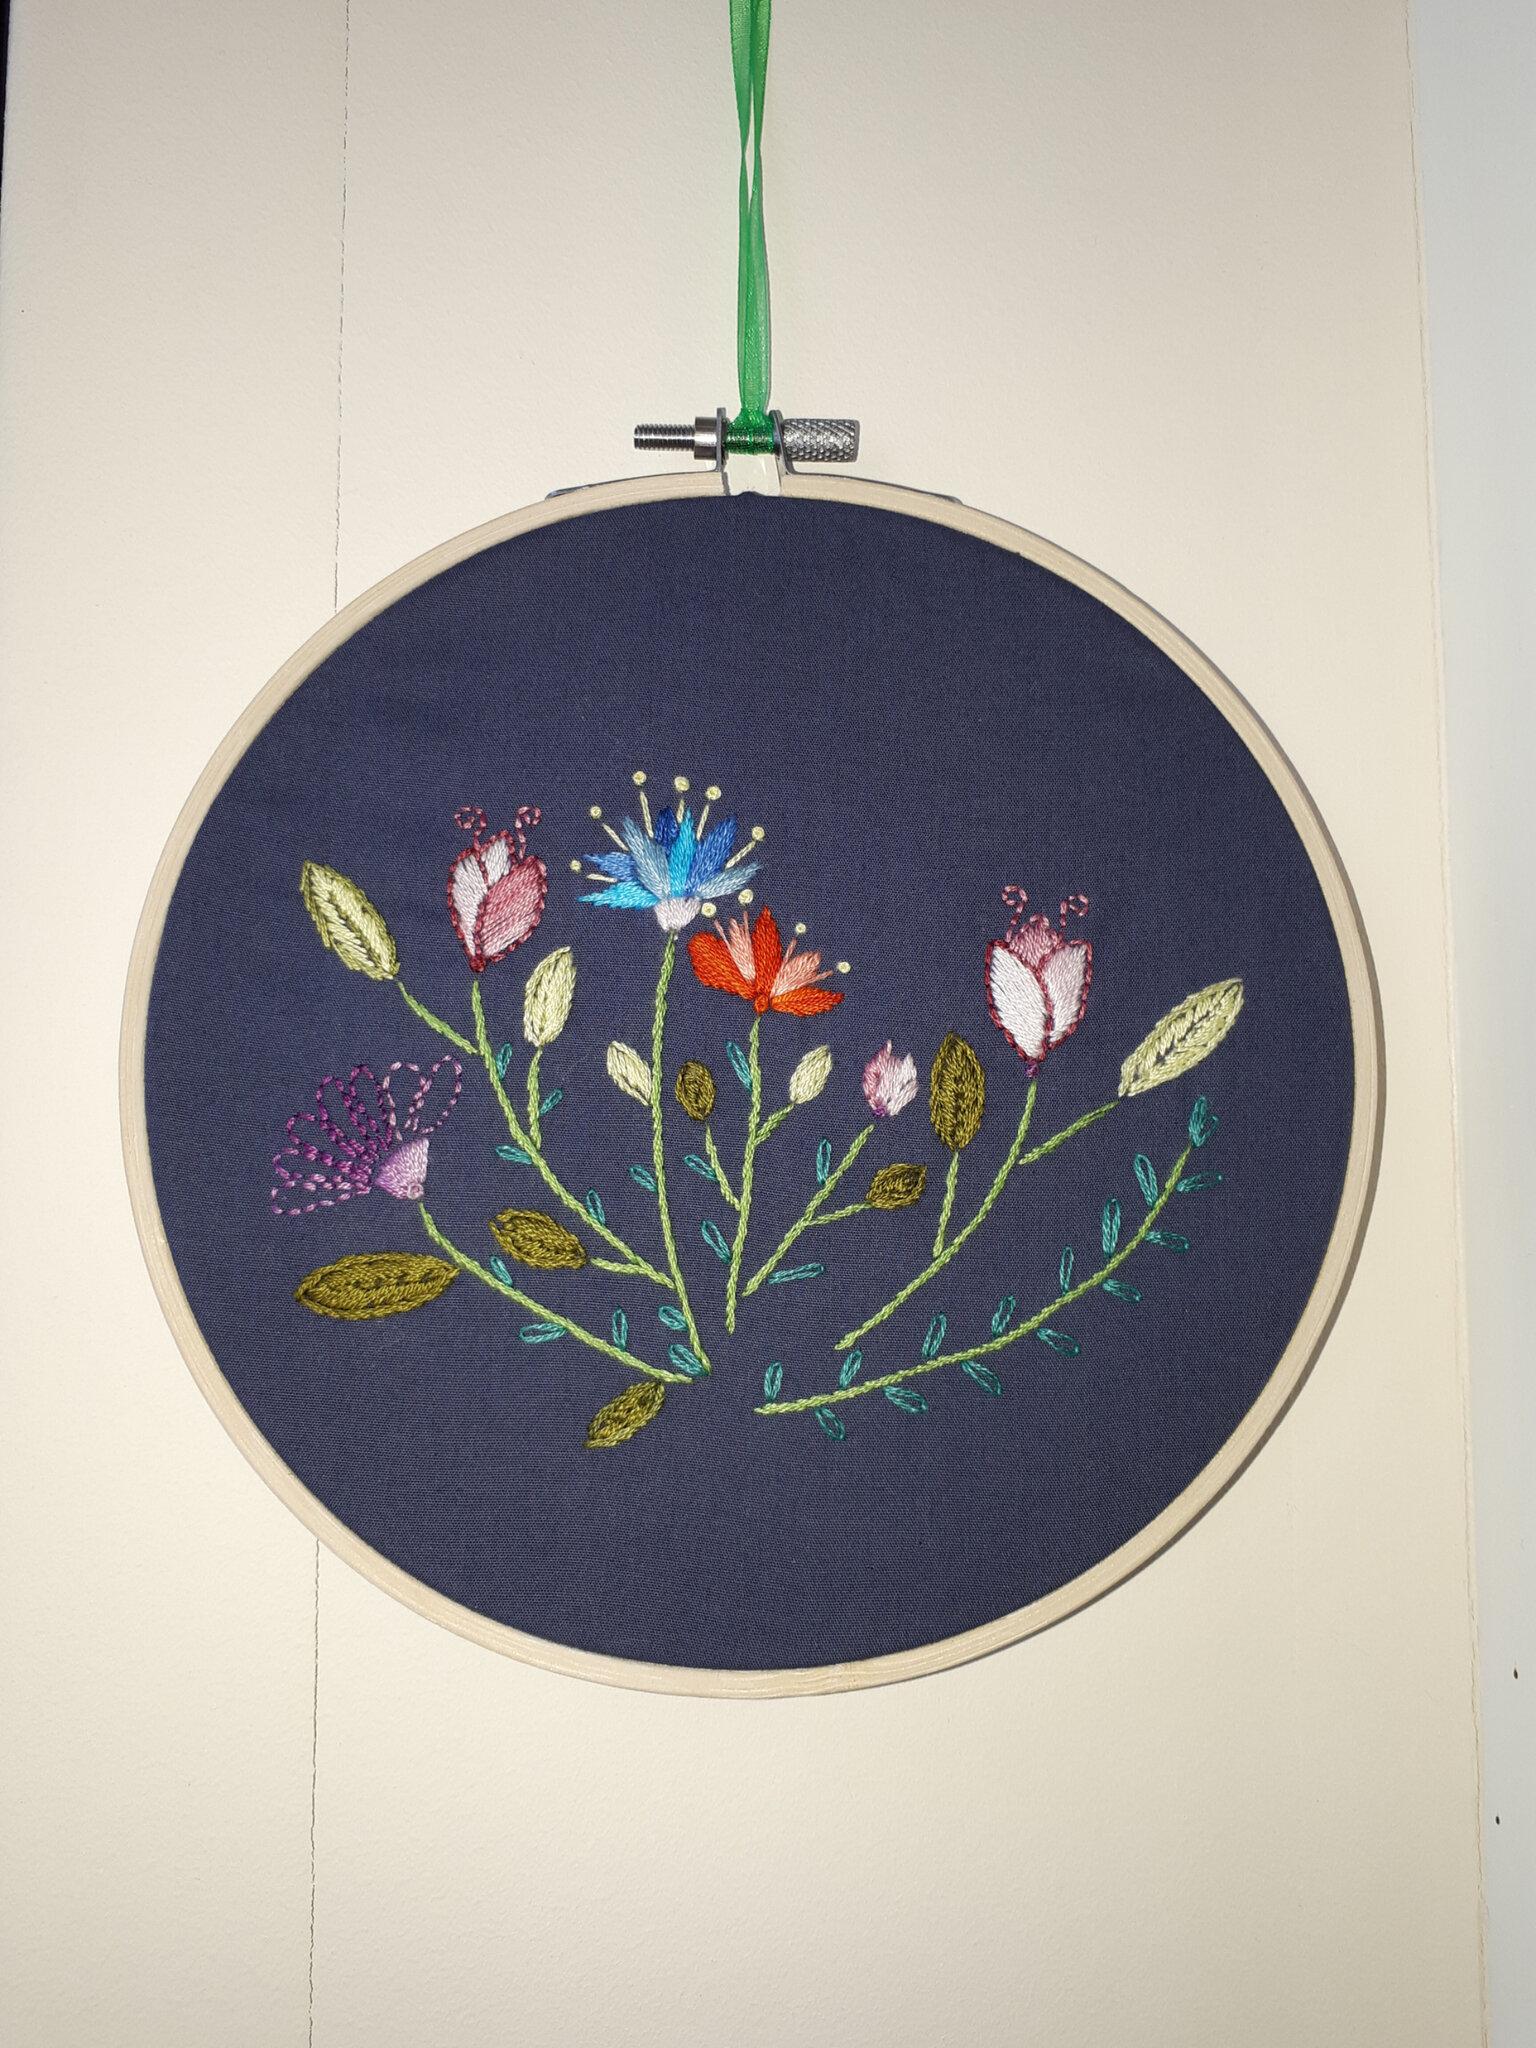 La broderie florale selon Caro tricote